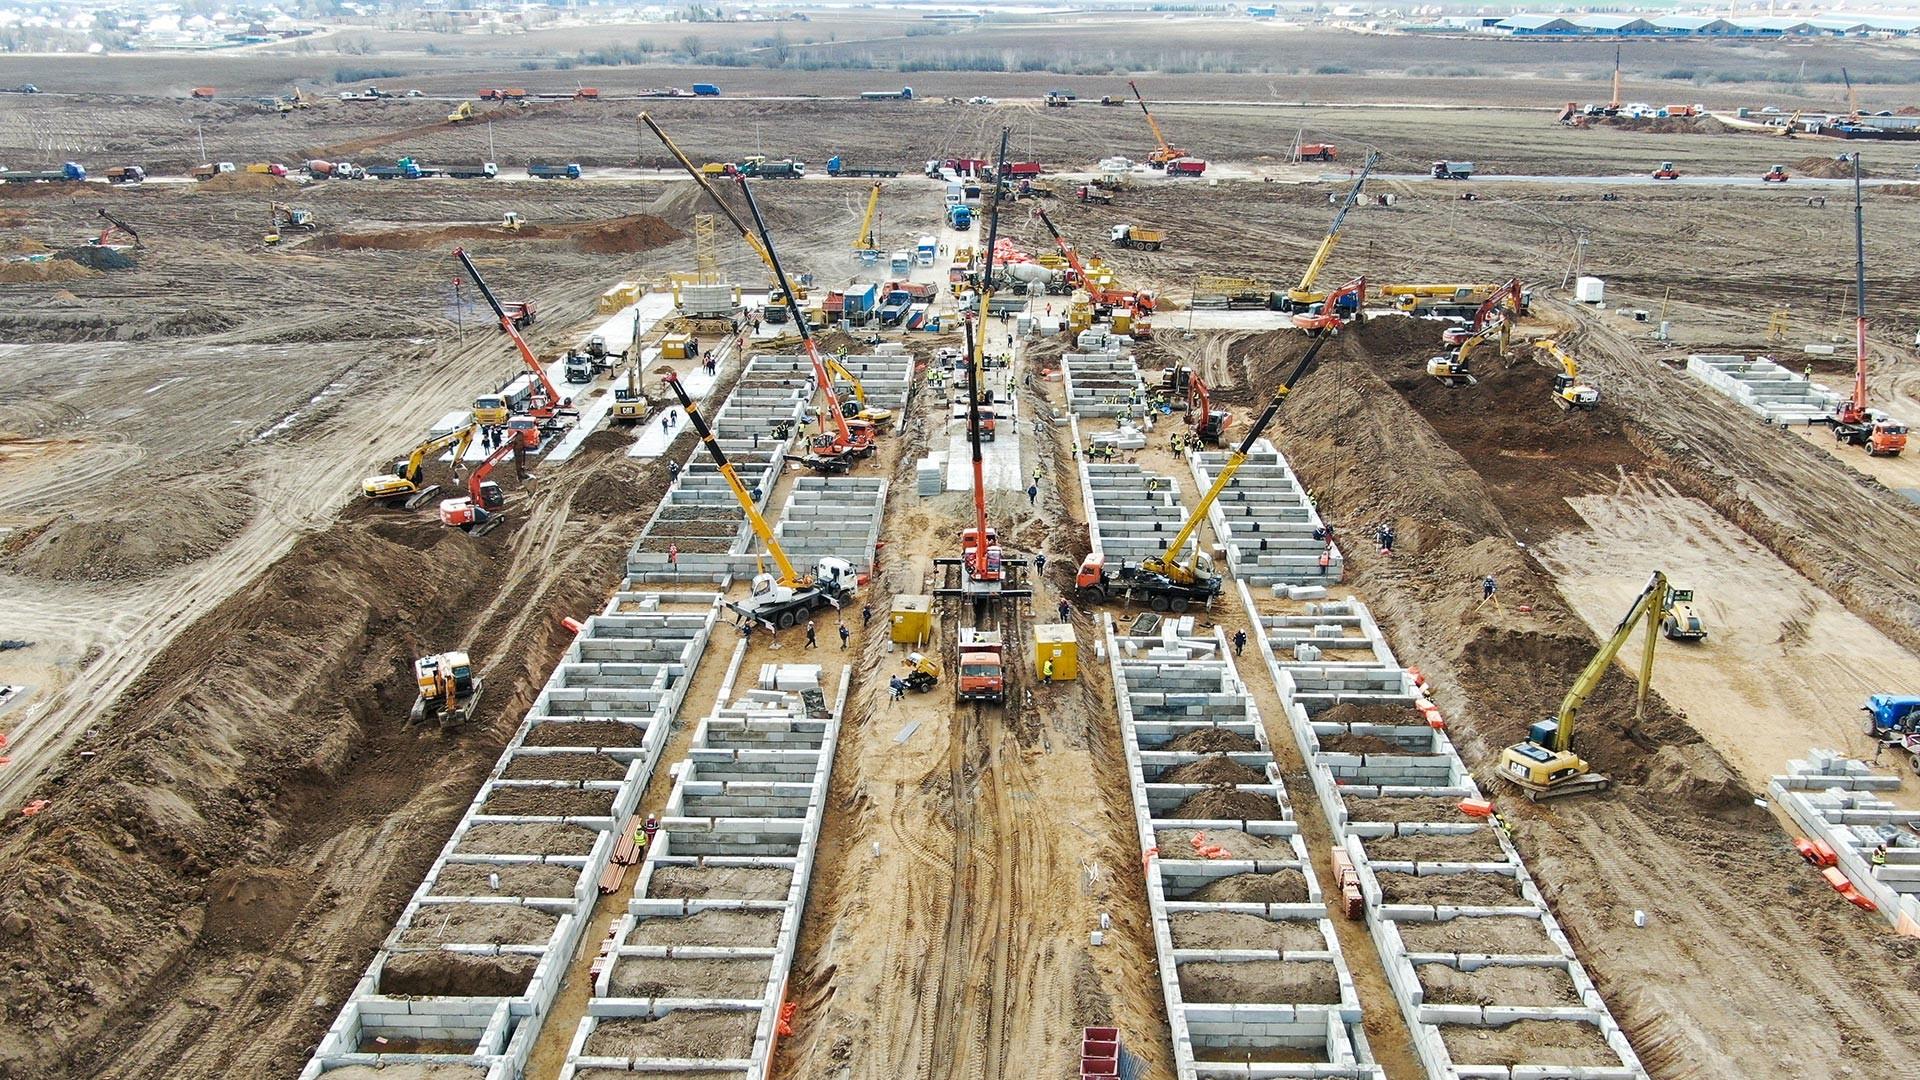 Gradnja novega bolnišničnega kompleksa v Moskvi